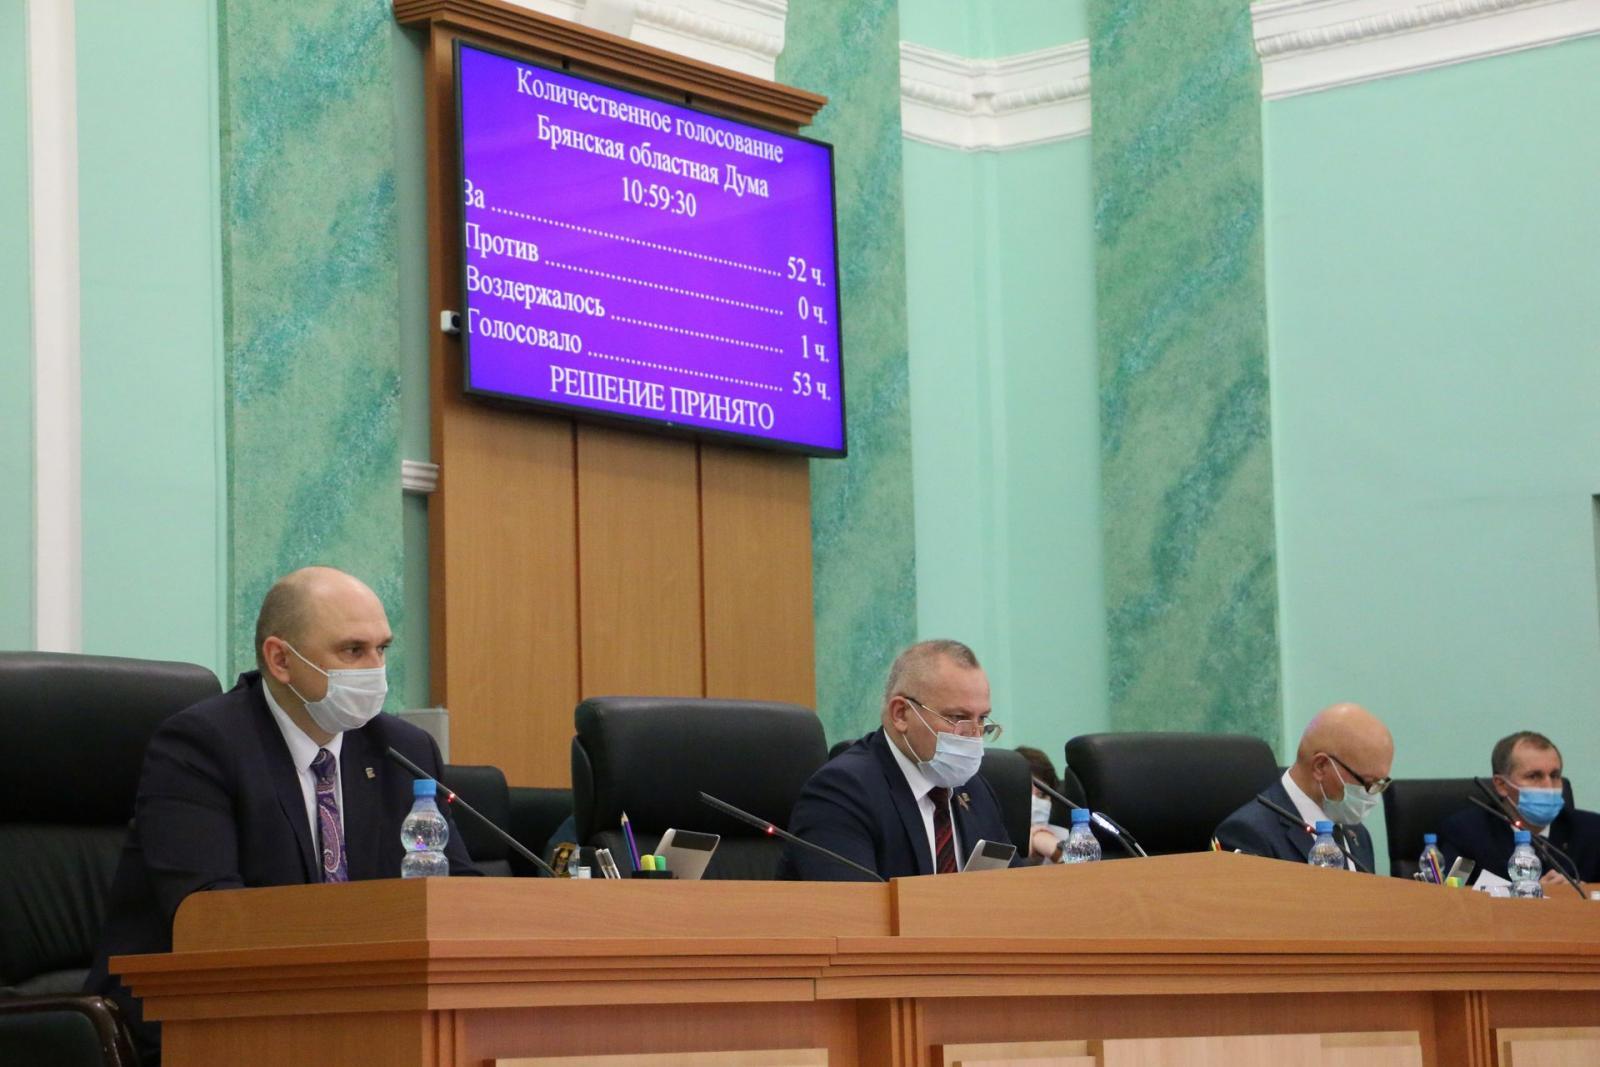 Виталий Новиков занял пост депутата Брянской областной Думы